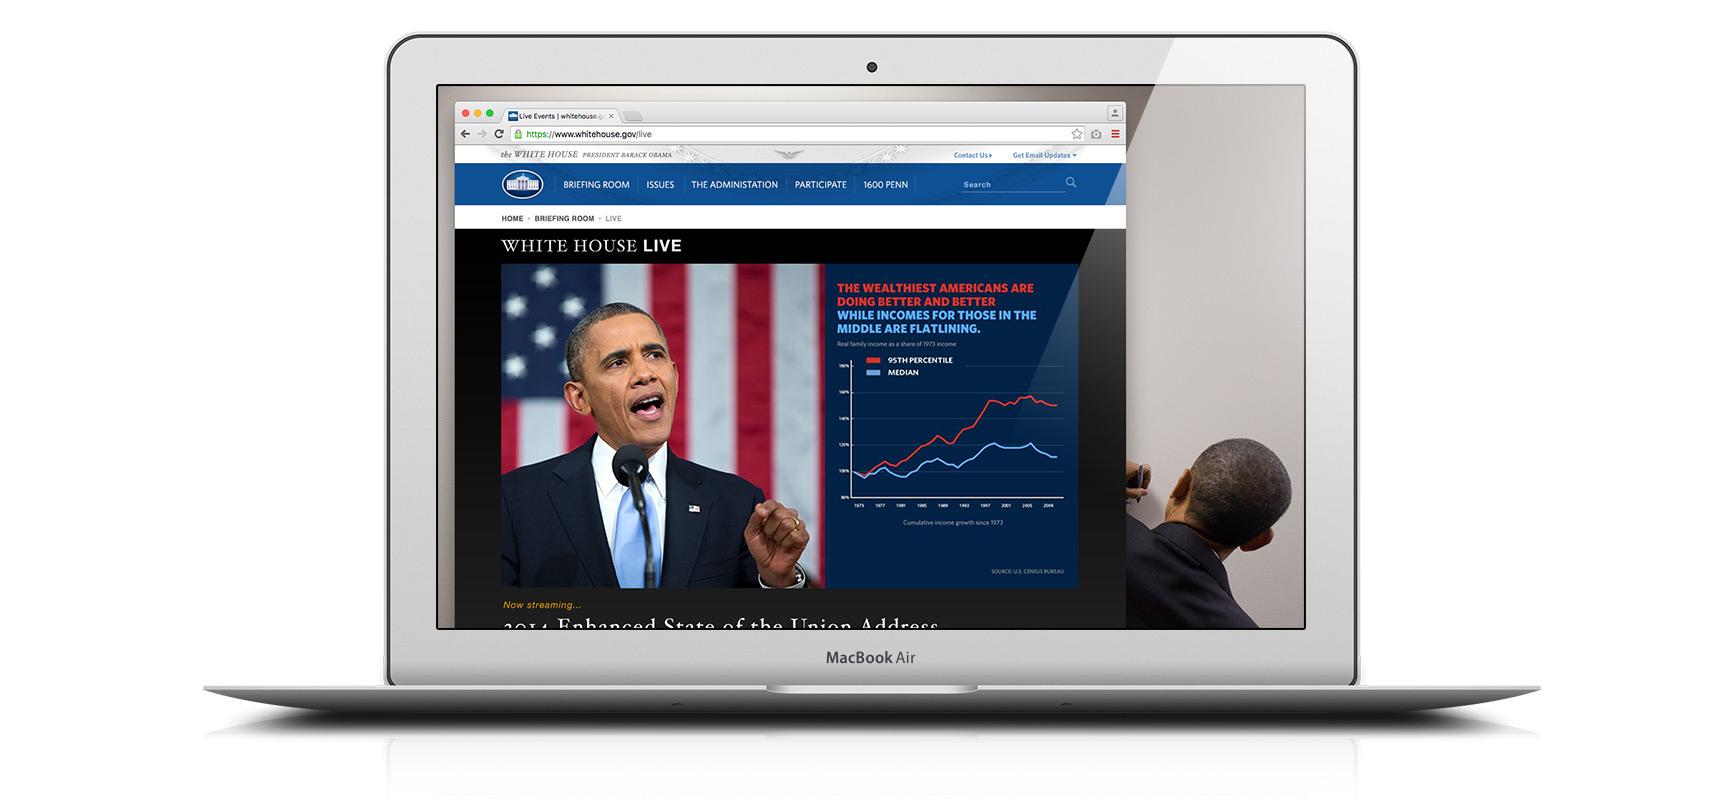 WhiteHouse.gov Live Section